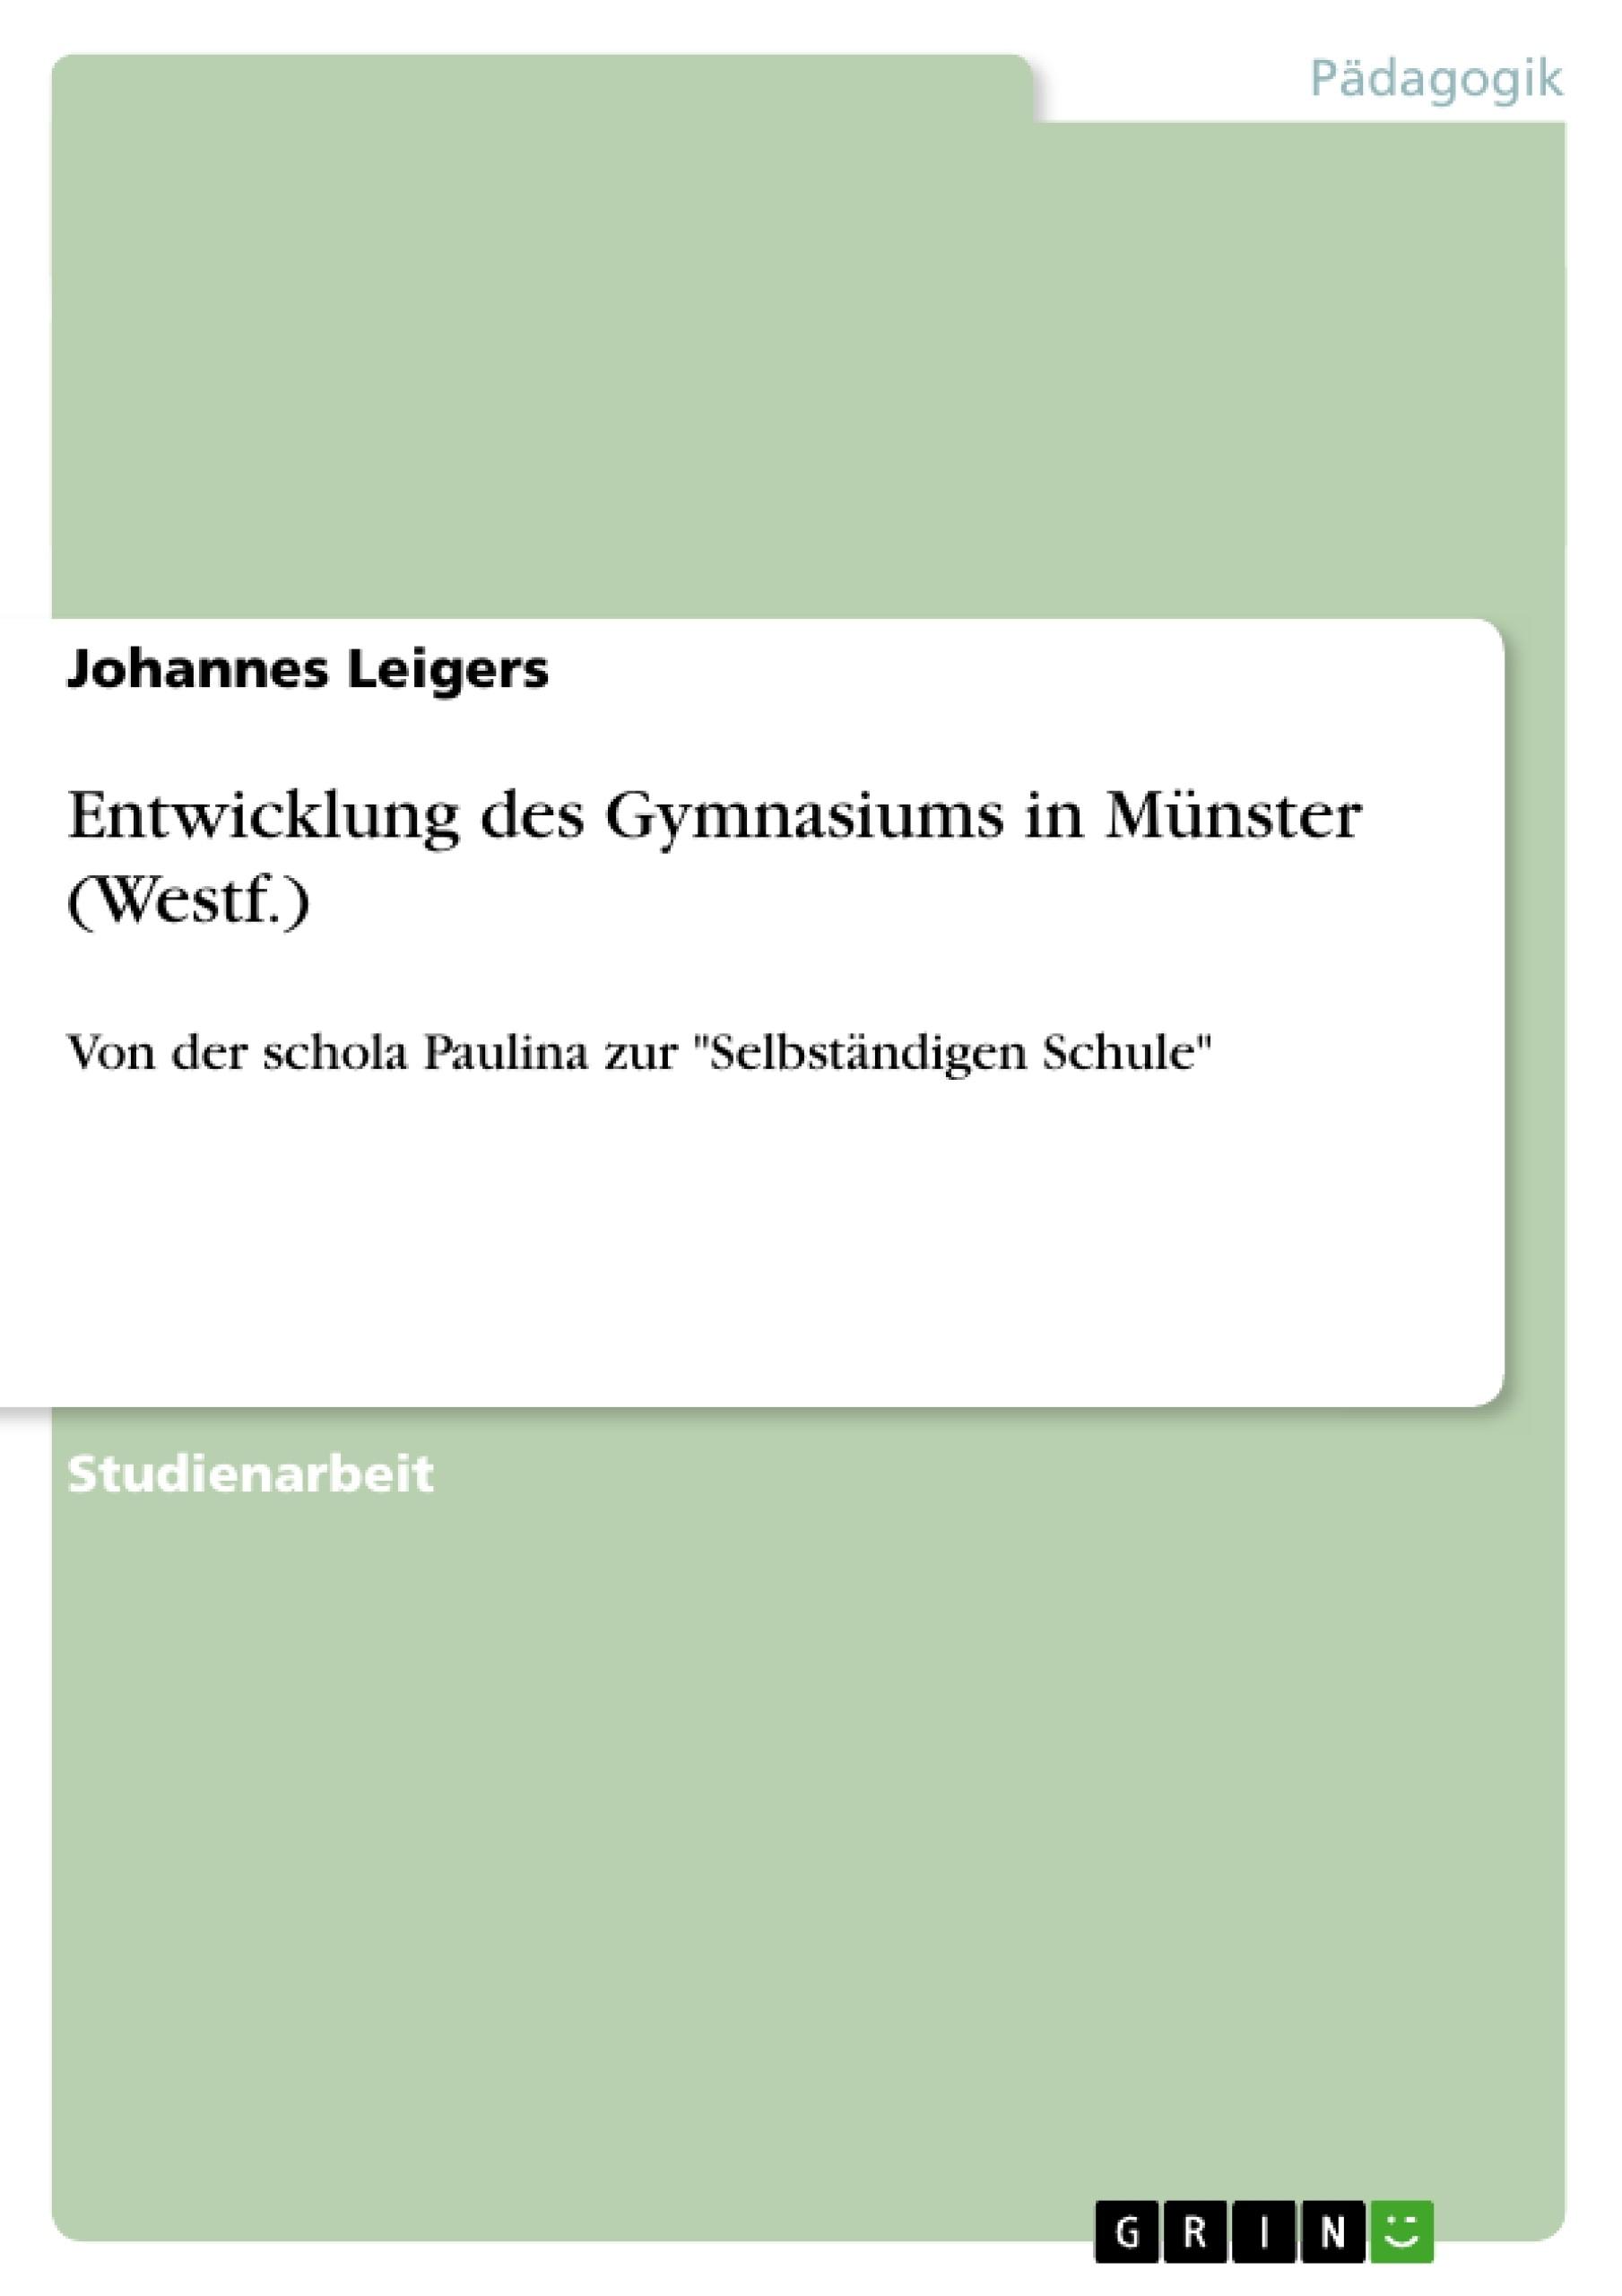 Titel: Entwicklung des Gymnasiums in Münster (Westf.)